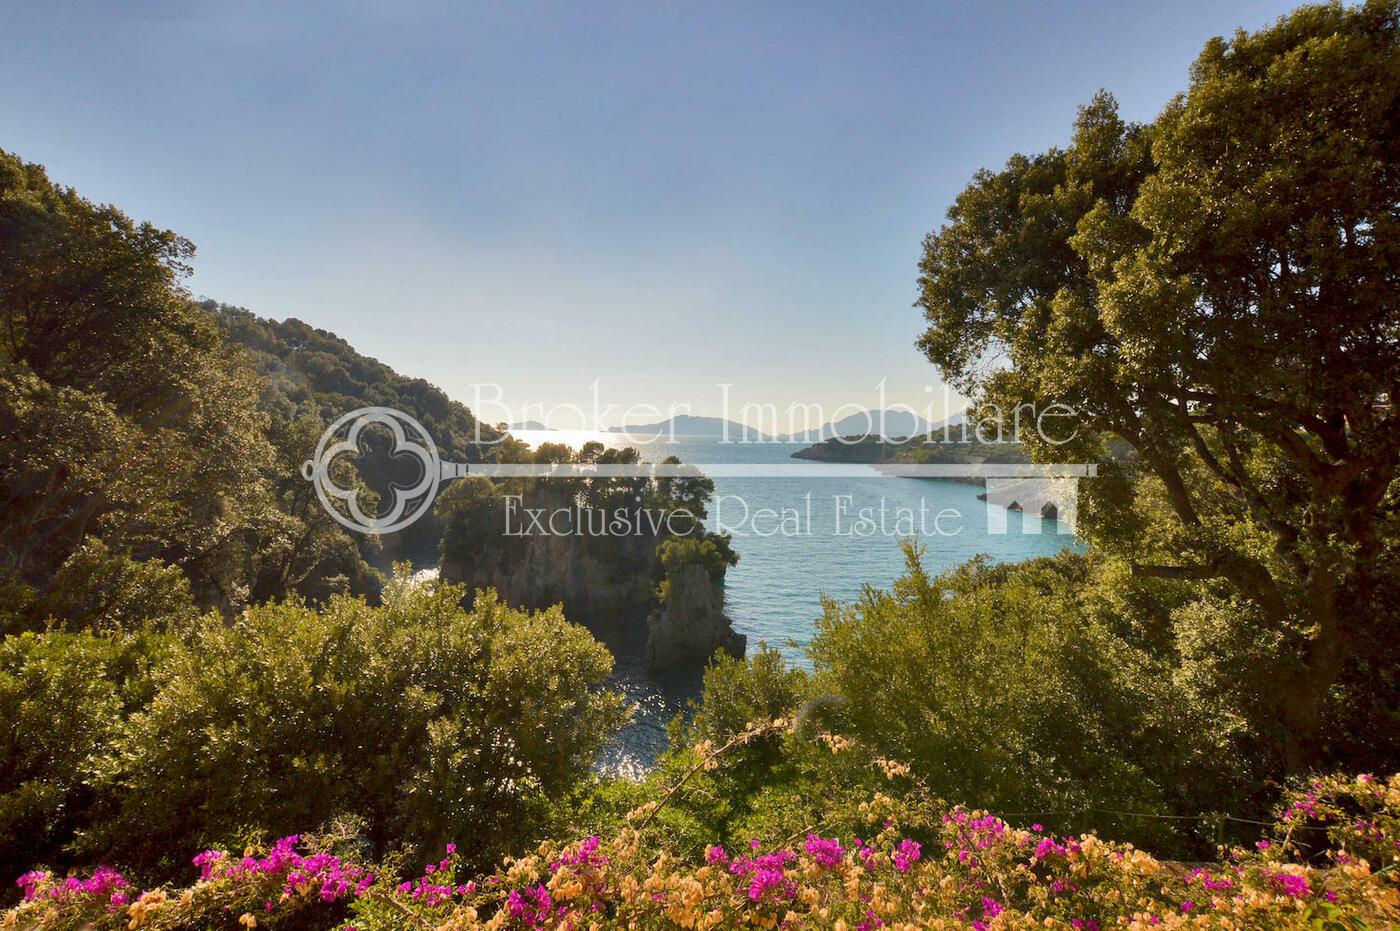 Villa in vendita a Lerici, con piscina, varie depandance ed accesso privato al mare